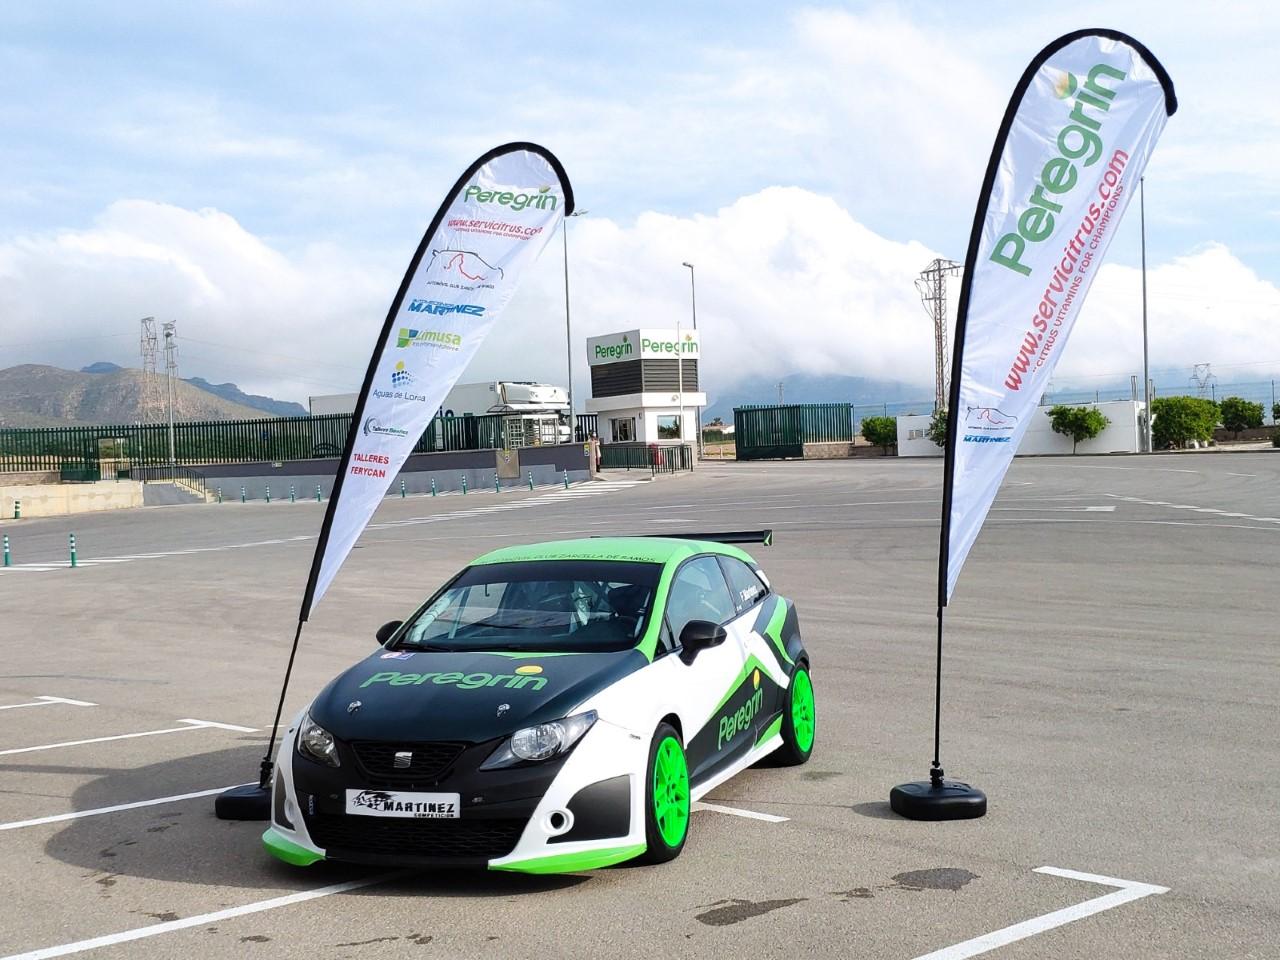 Presentación coche oficial de rally patrocinado por Peregrín